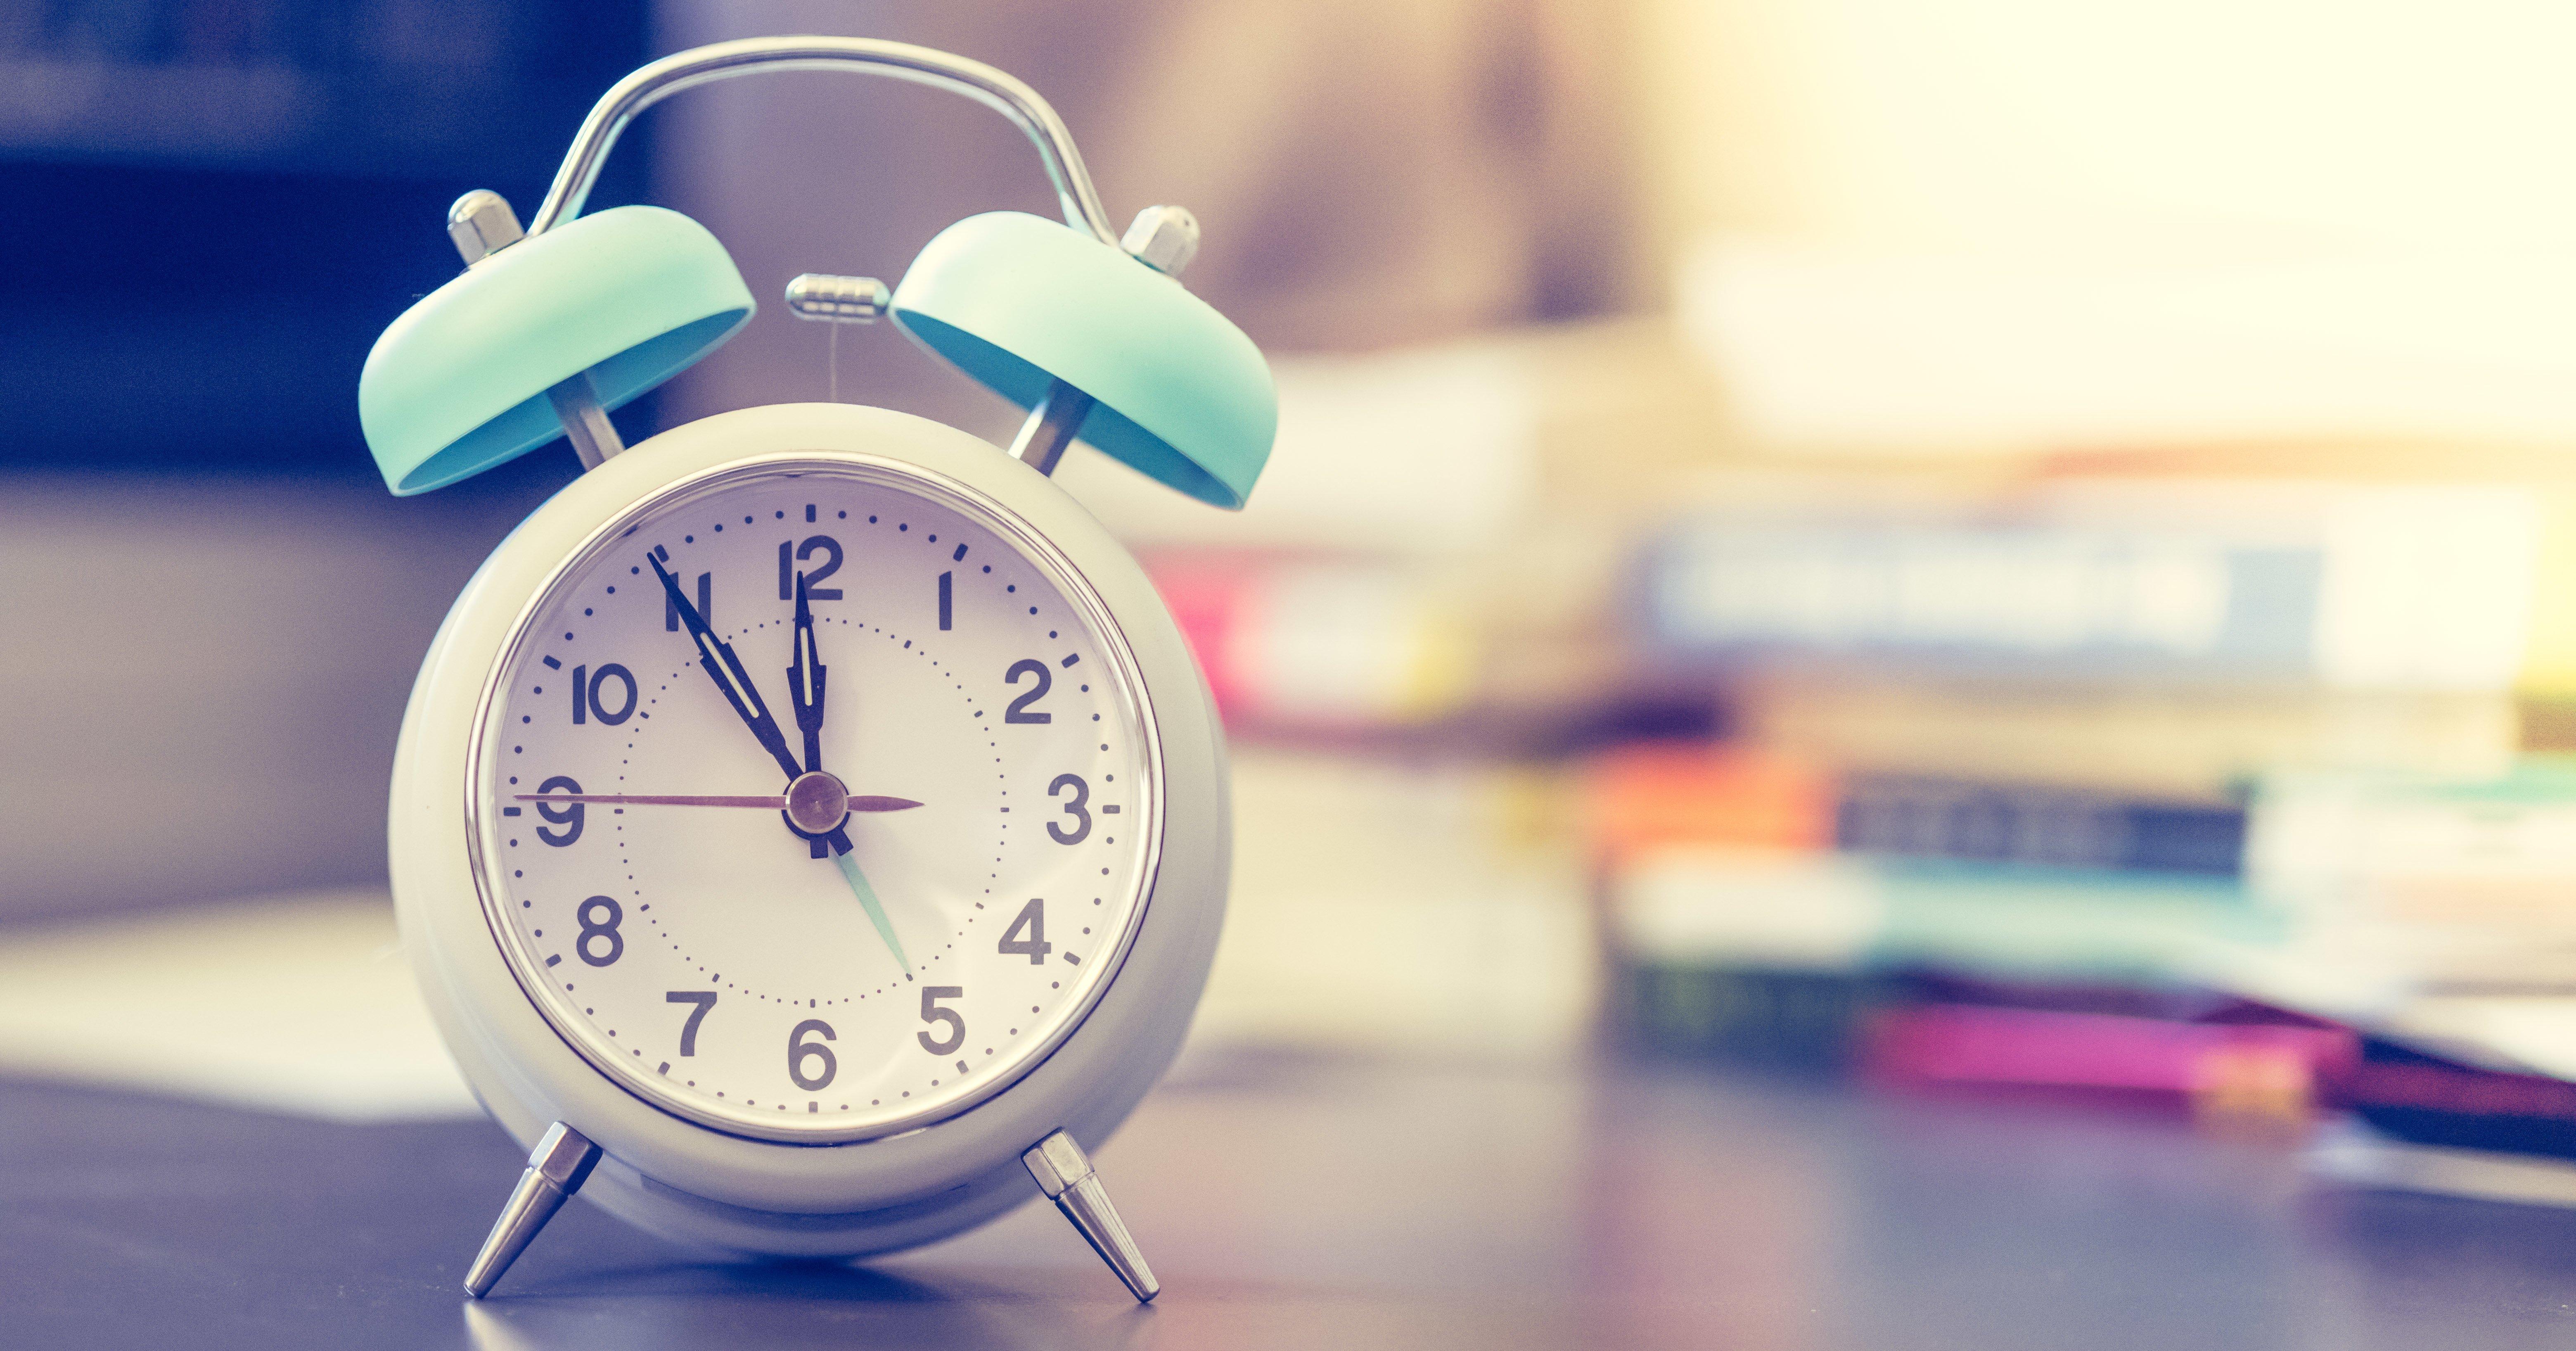 Wecker auf Schreibtisch, Bücher im Hintergrund, Breitbild